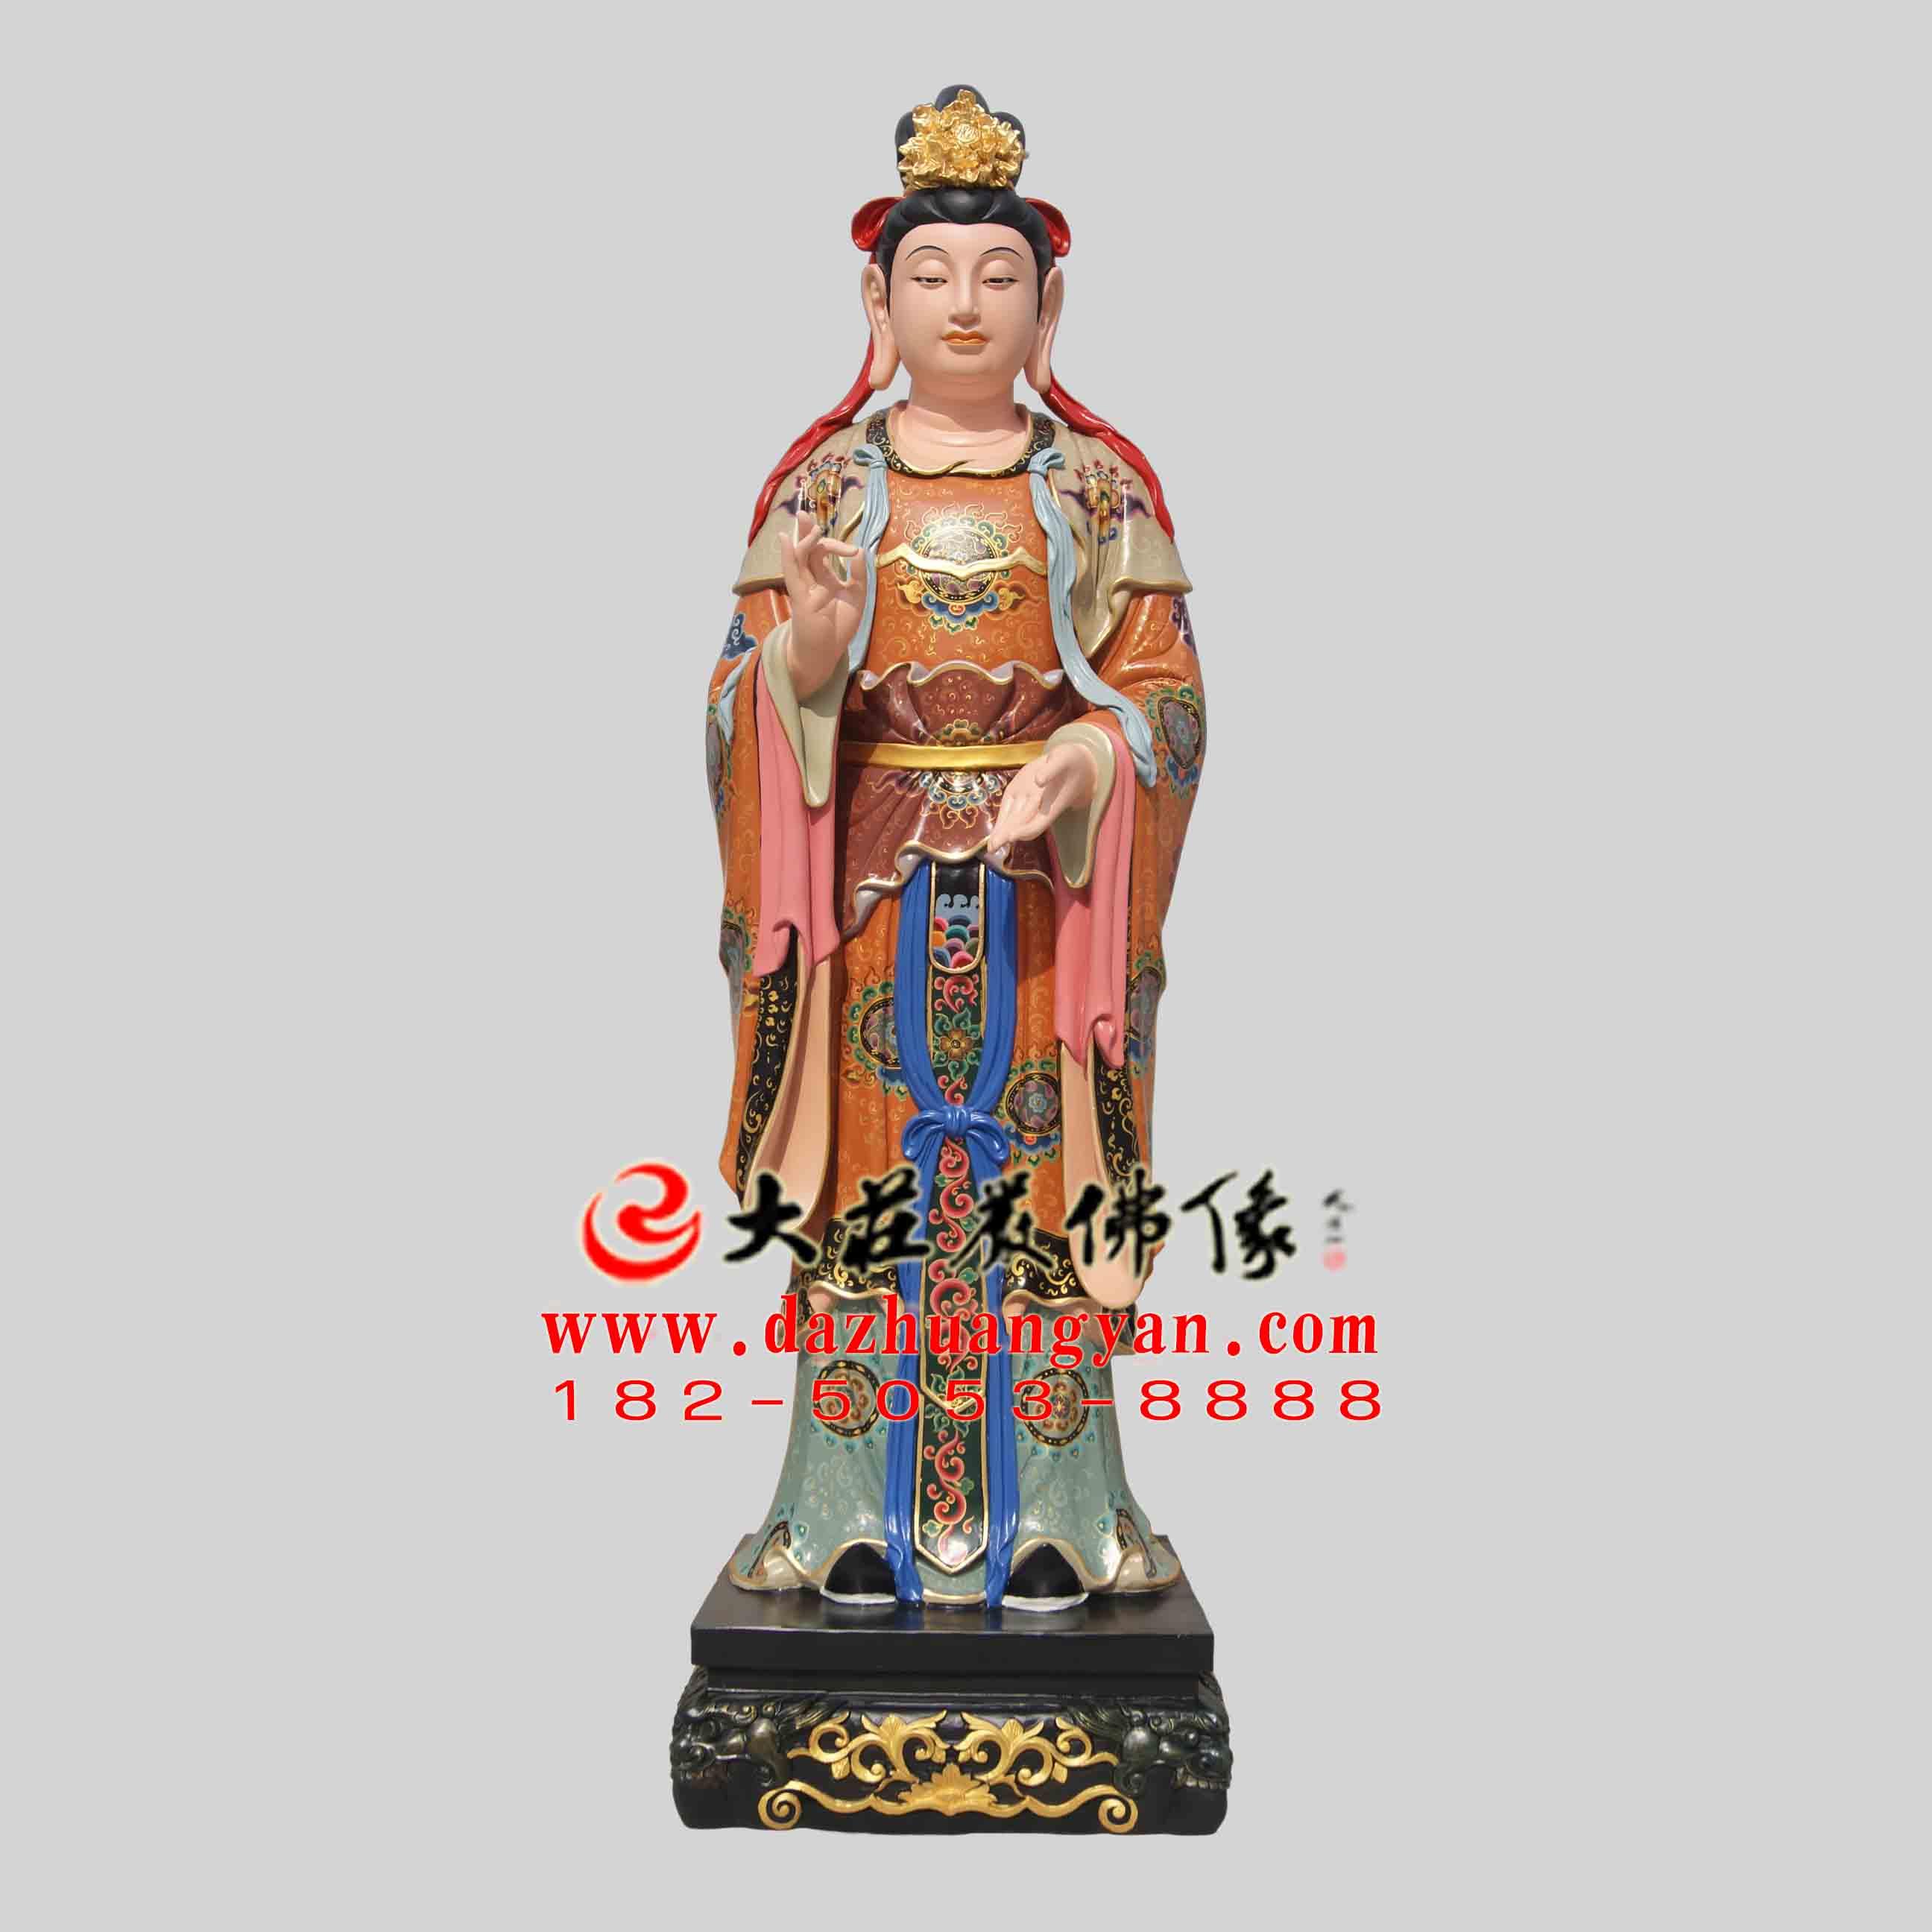 生漆脱胎二十诸天之日宫天子塑像【2405】